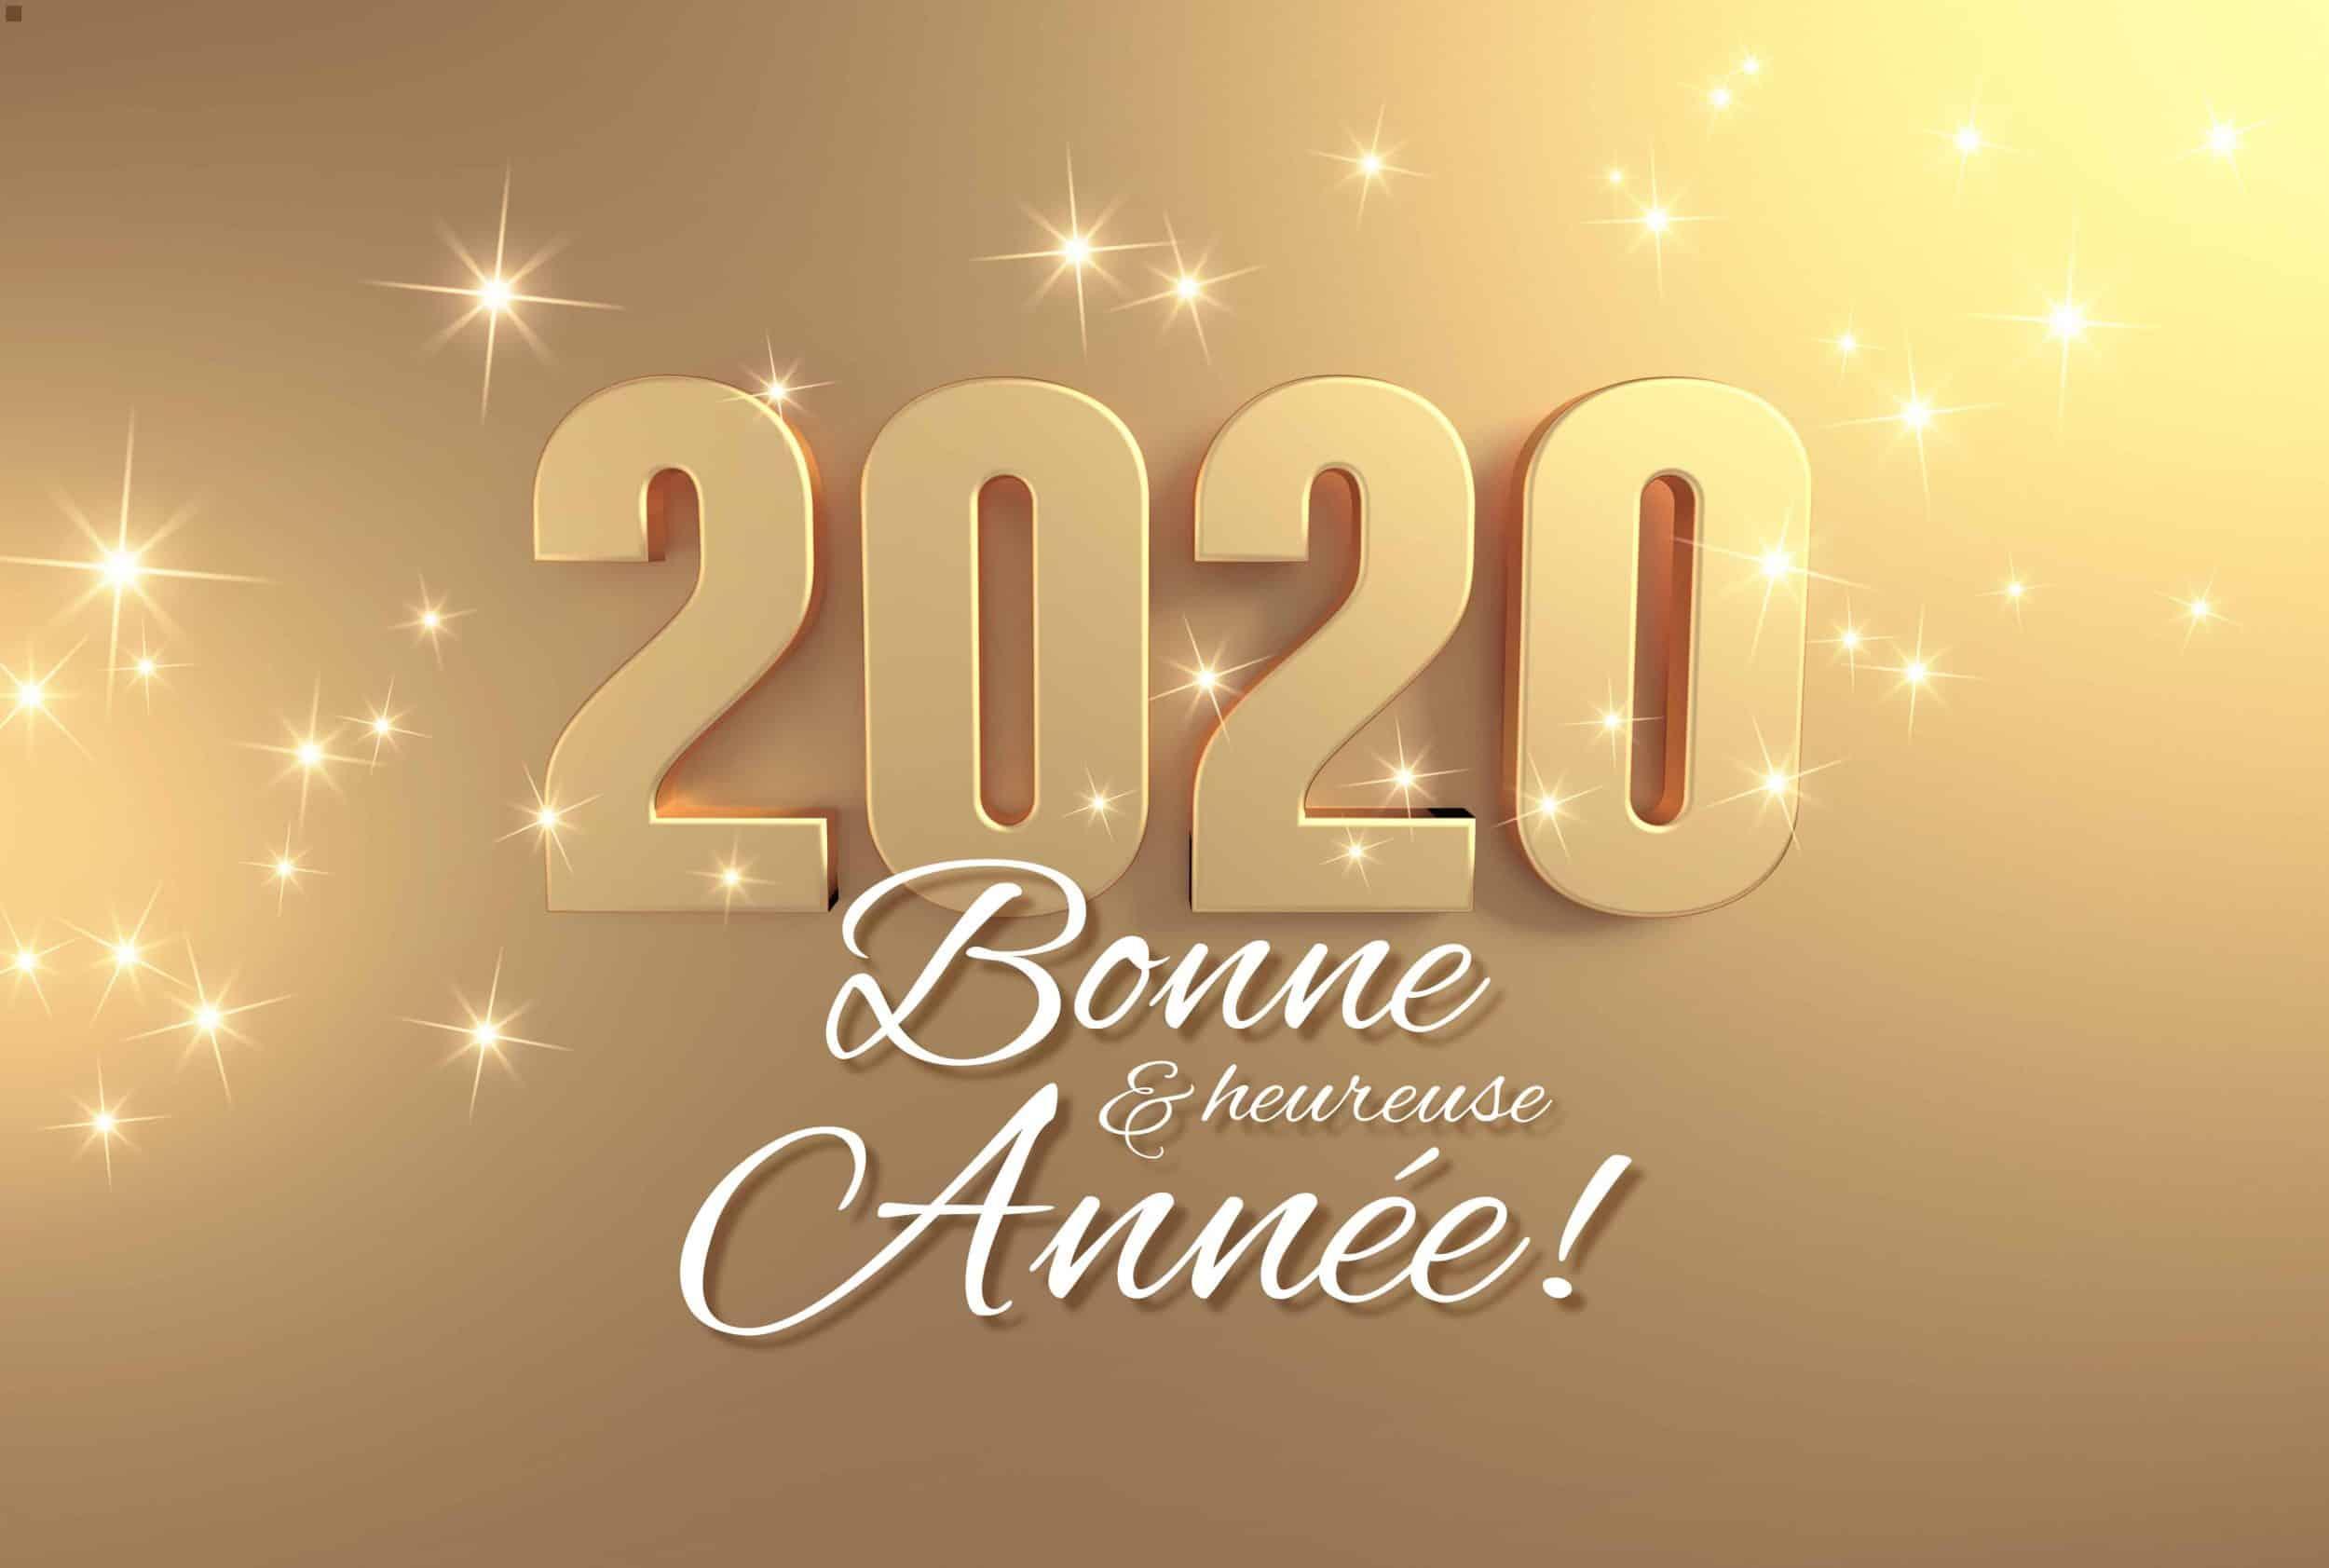 La Miroiterie Smv Nos Meilleurs Voeux Pour 2020